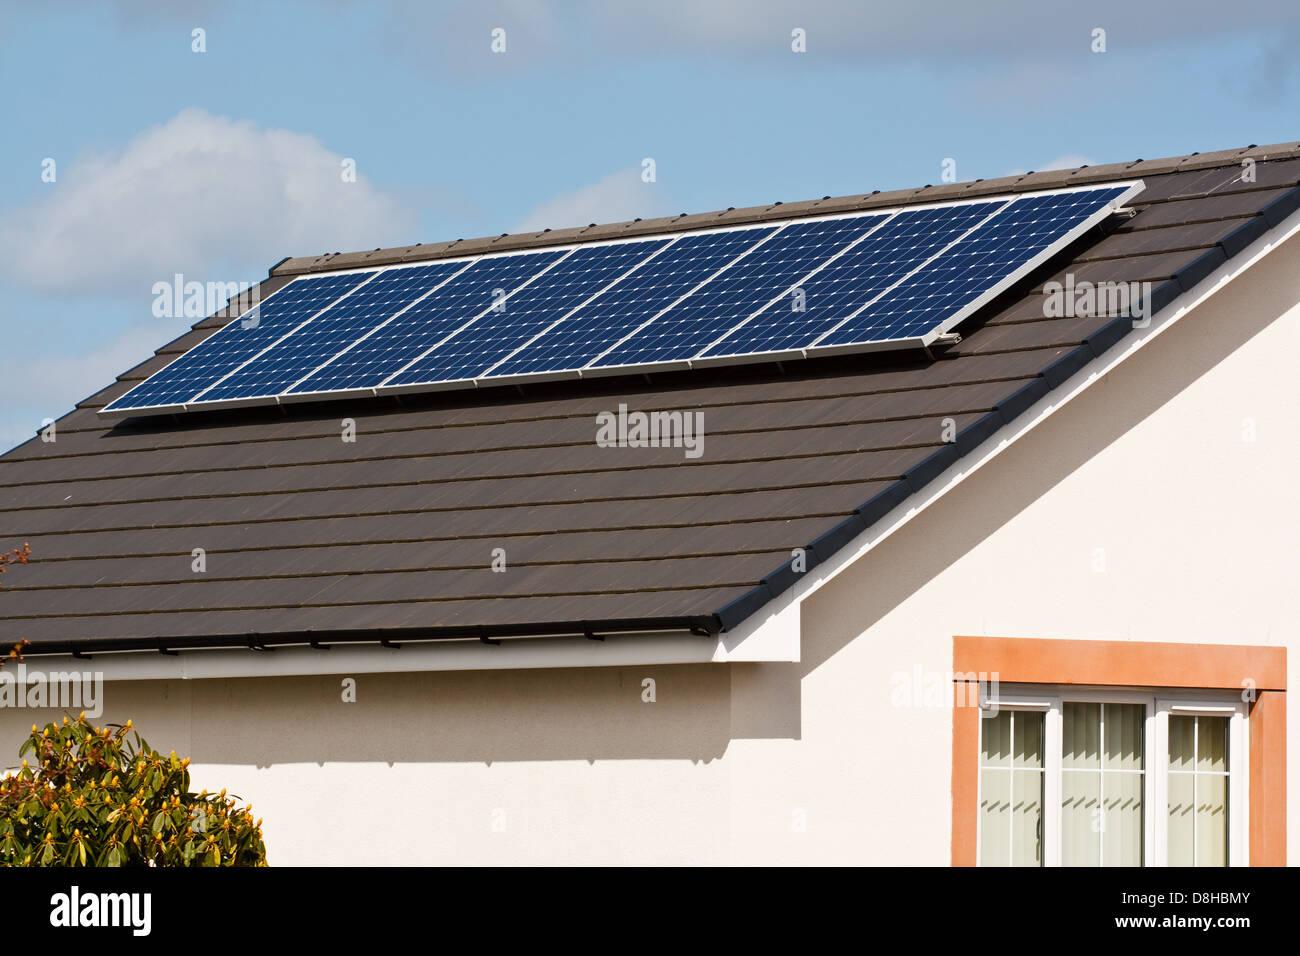 Panneaux solaires photovoltaïques montés sur une nouvelle tuile de toit d'une maison moderne Photo Stock